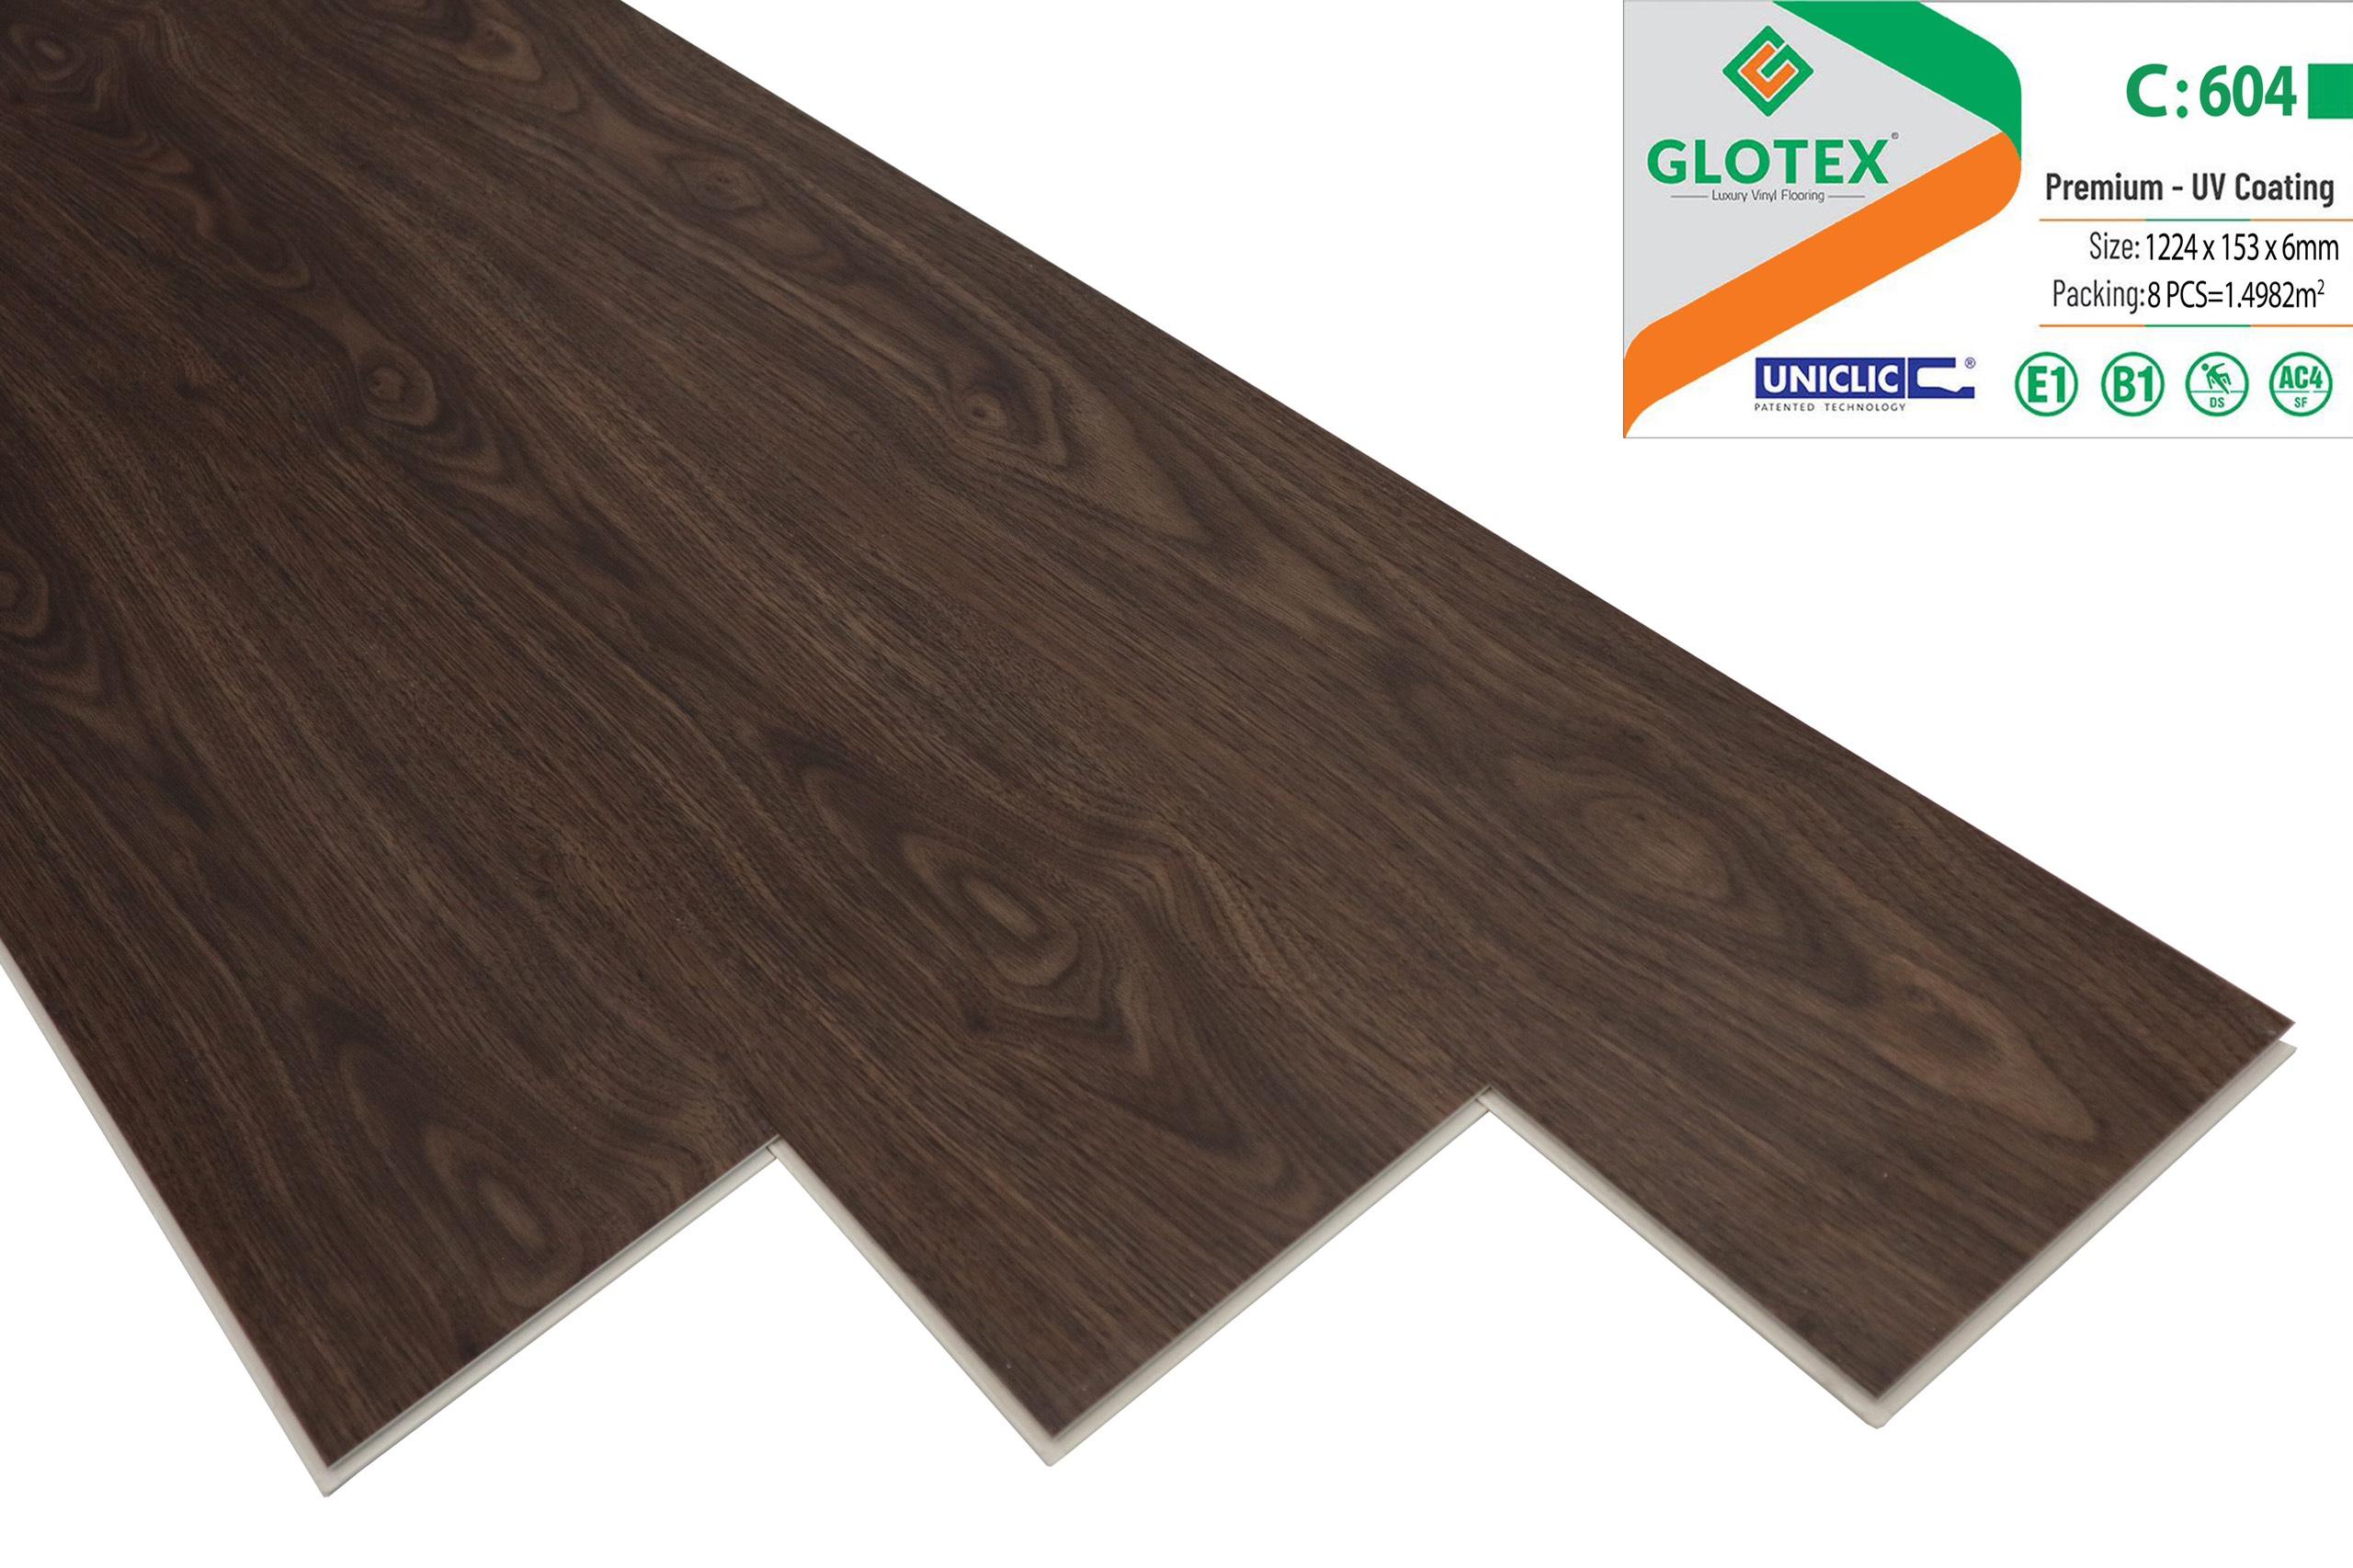 sàn gỗ hèm khóa glotex 604